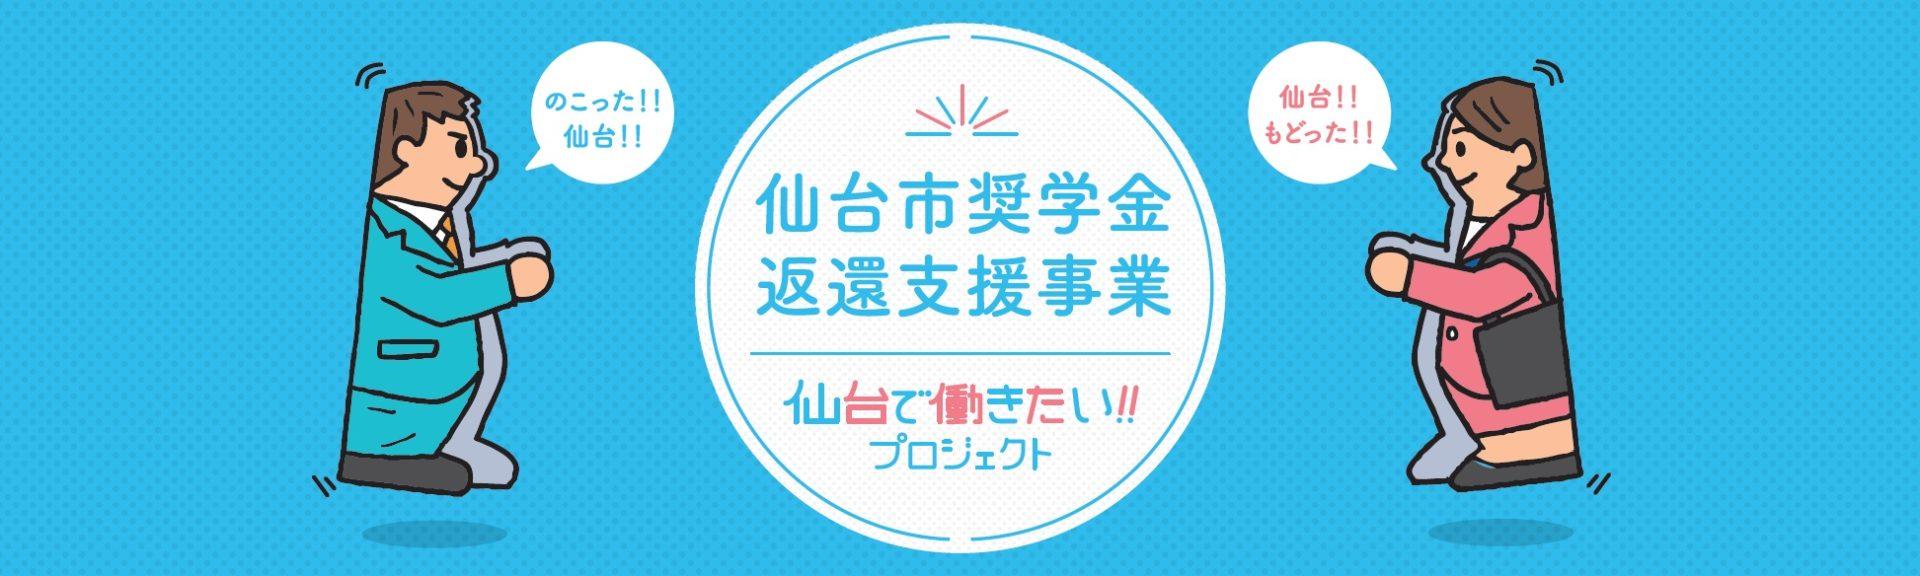 諏訪ぱれっと保育園サイト